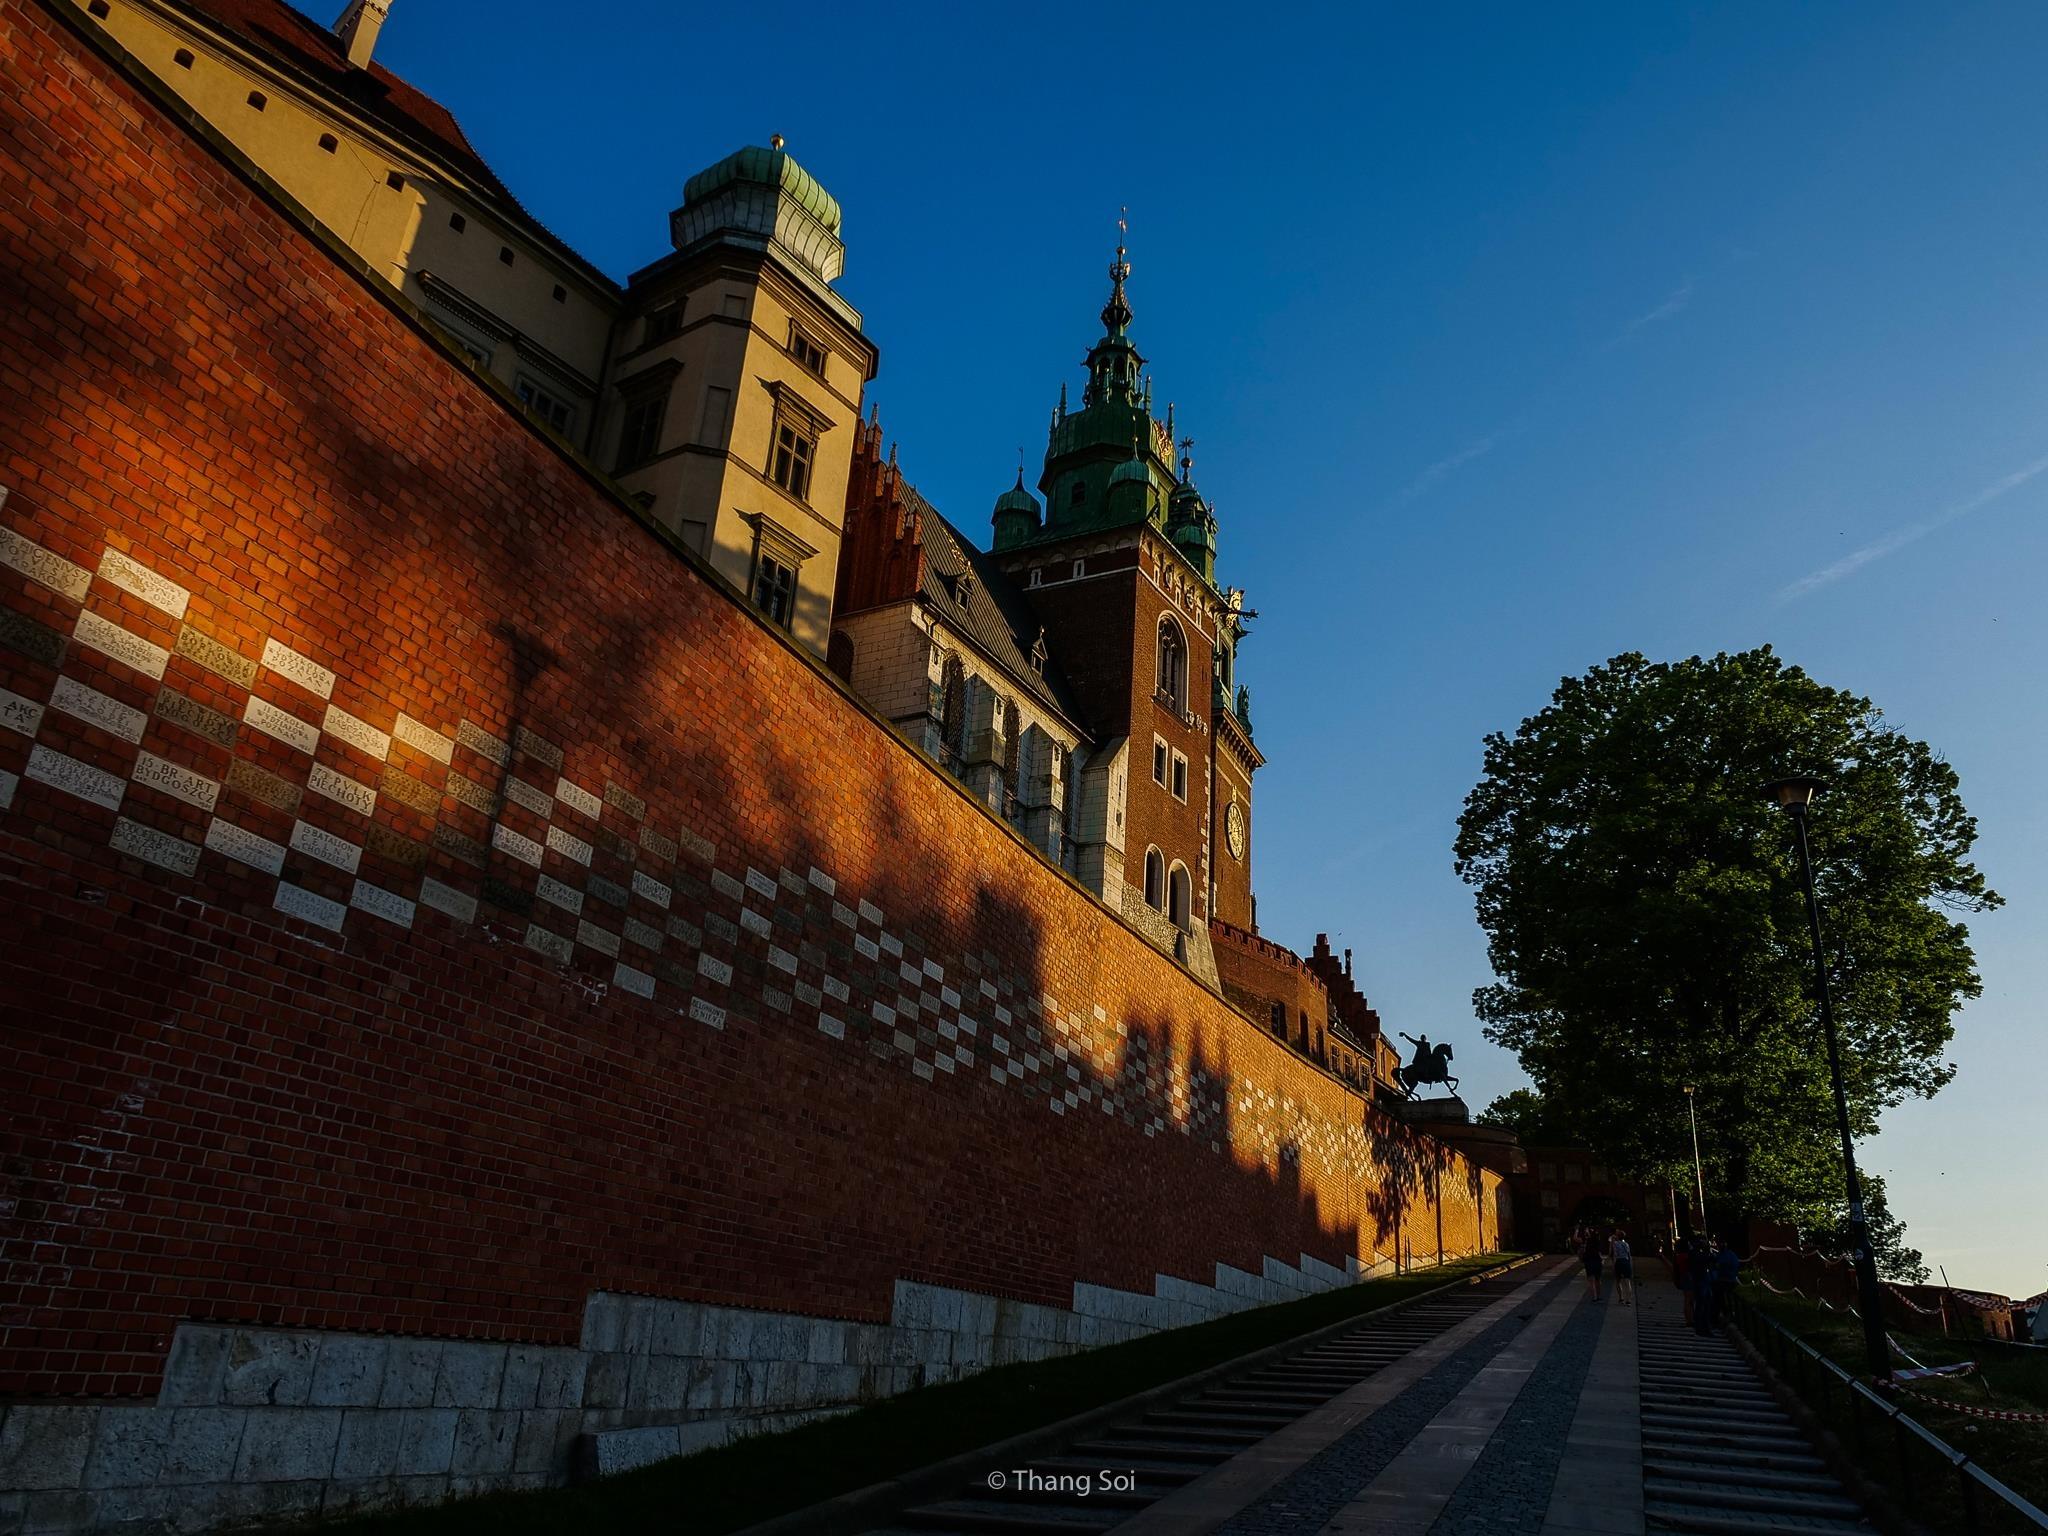 Krakow, kinh do co phai ghe tham khi den Ba Lan hinh anh 56